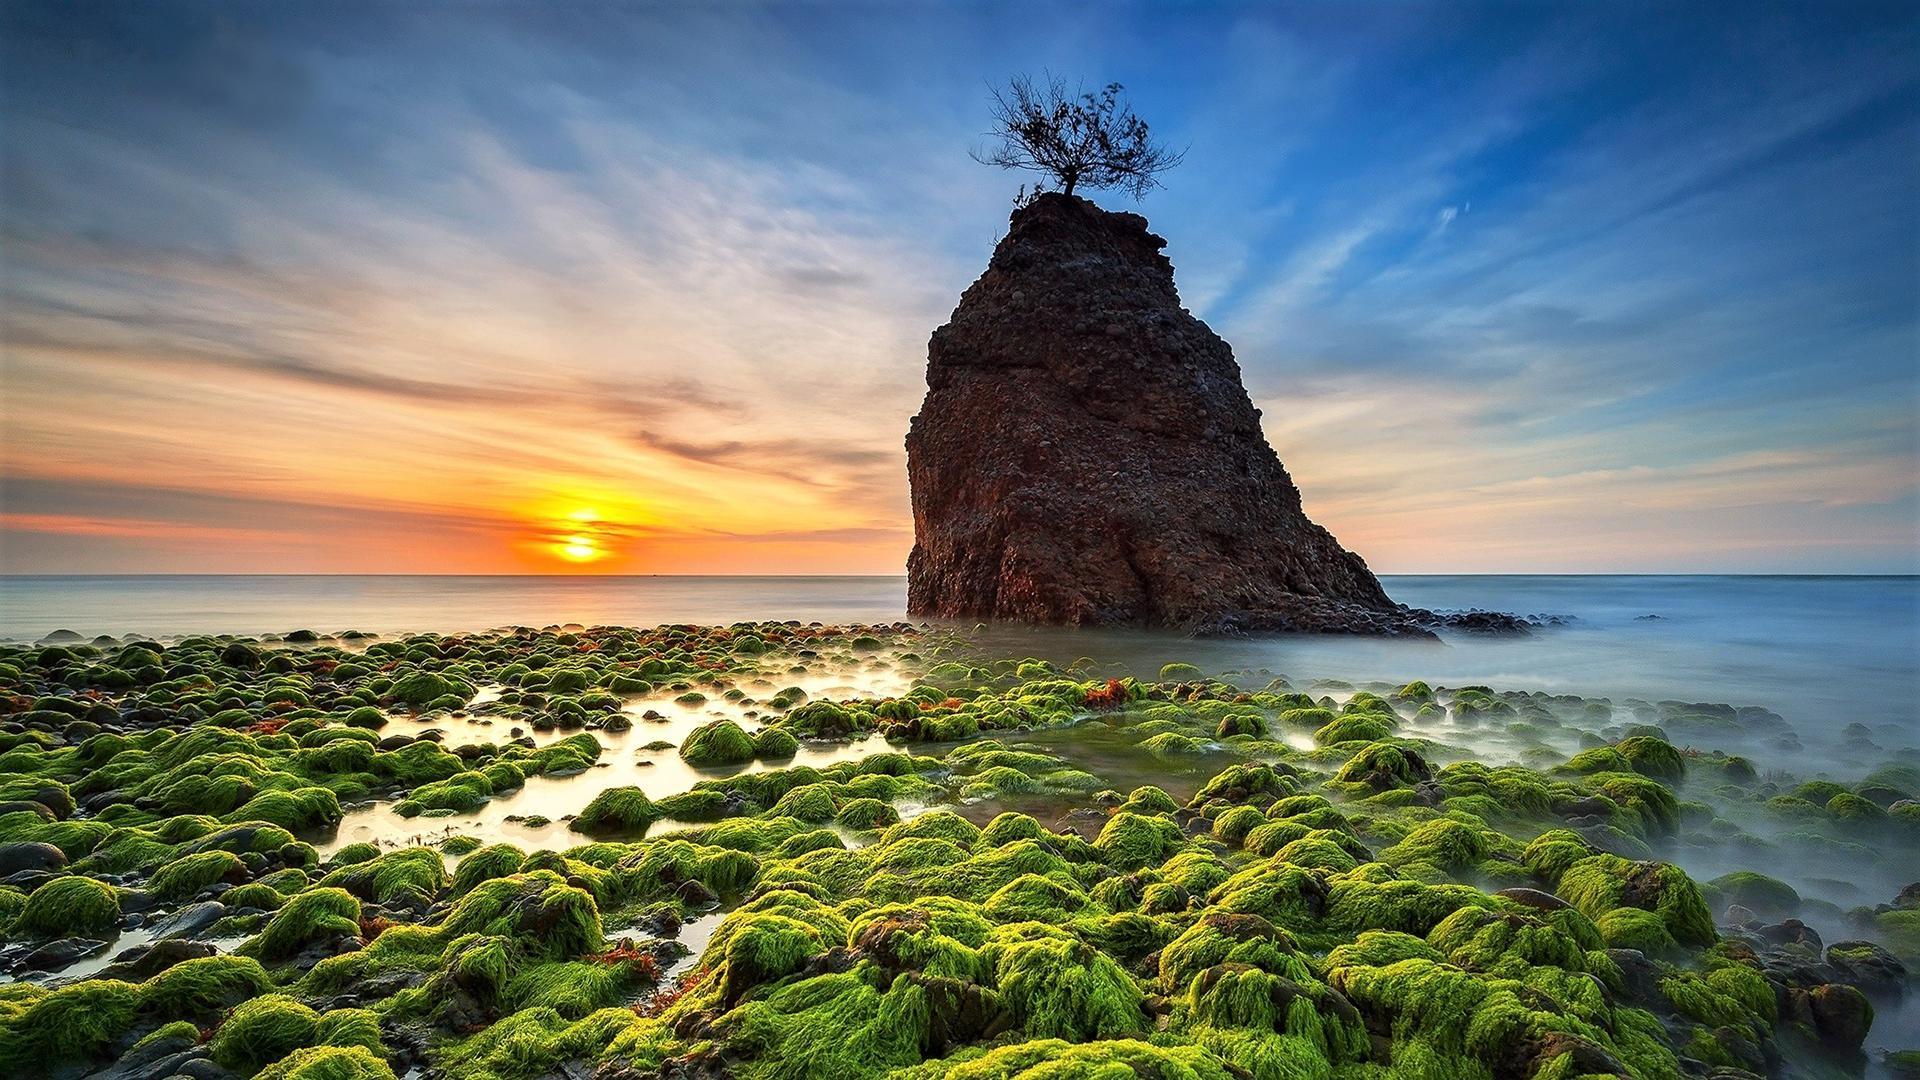 唯美日出日落风景图片高清宽屏壁纸_图片新闻_东方头条